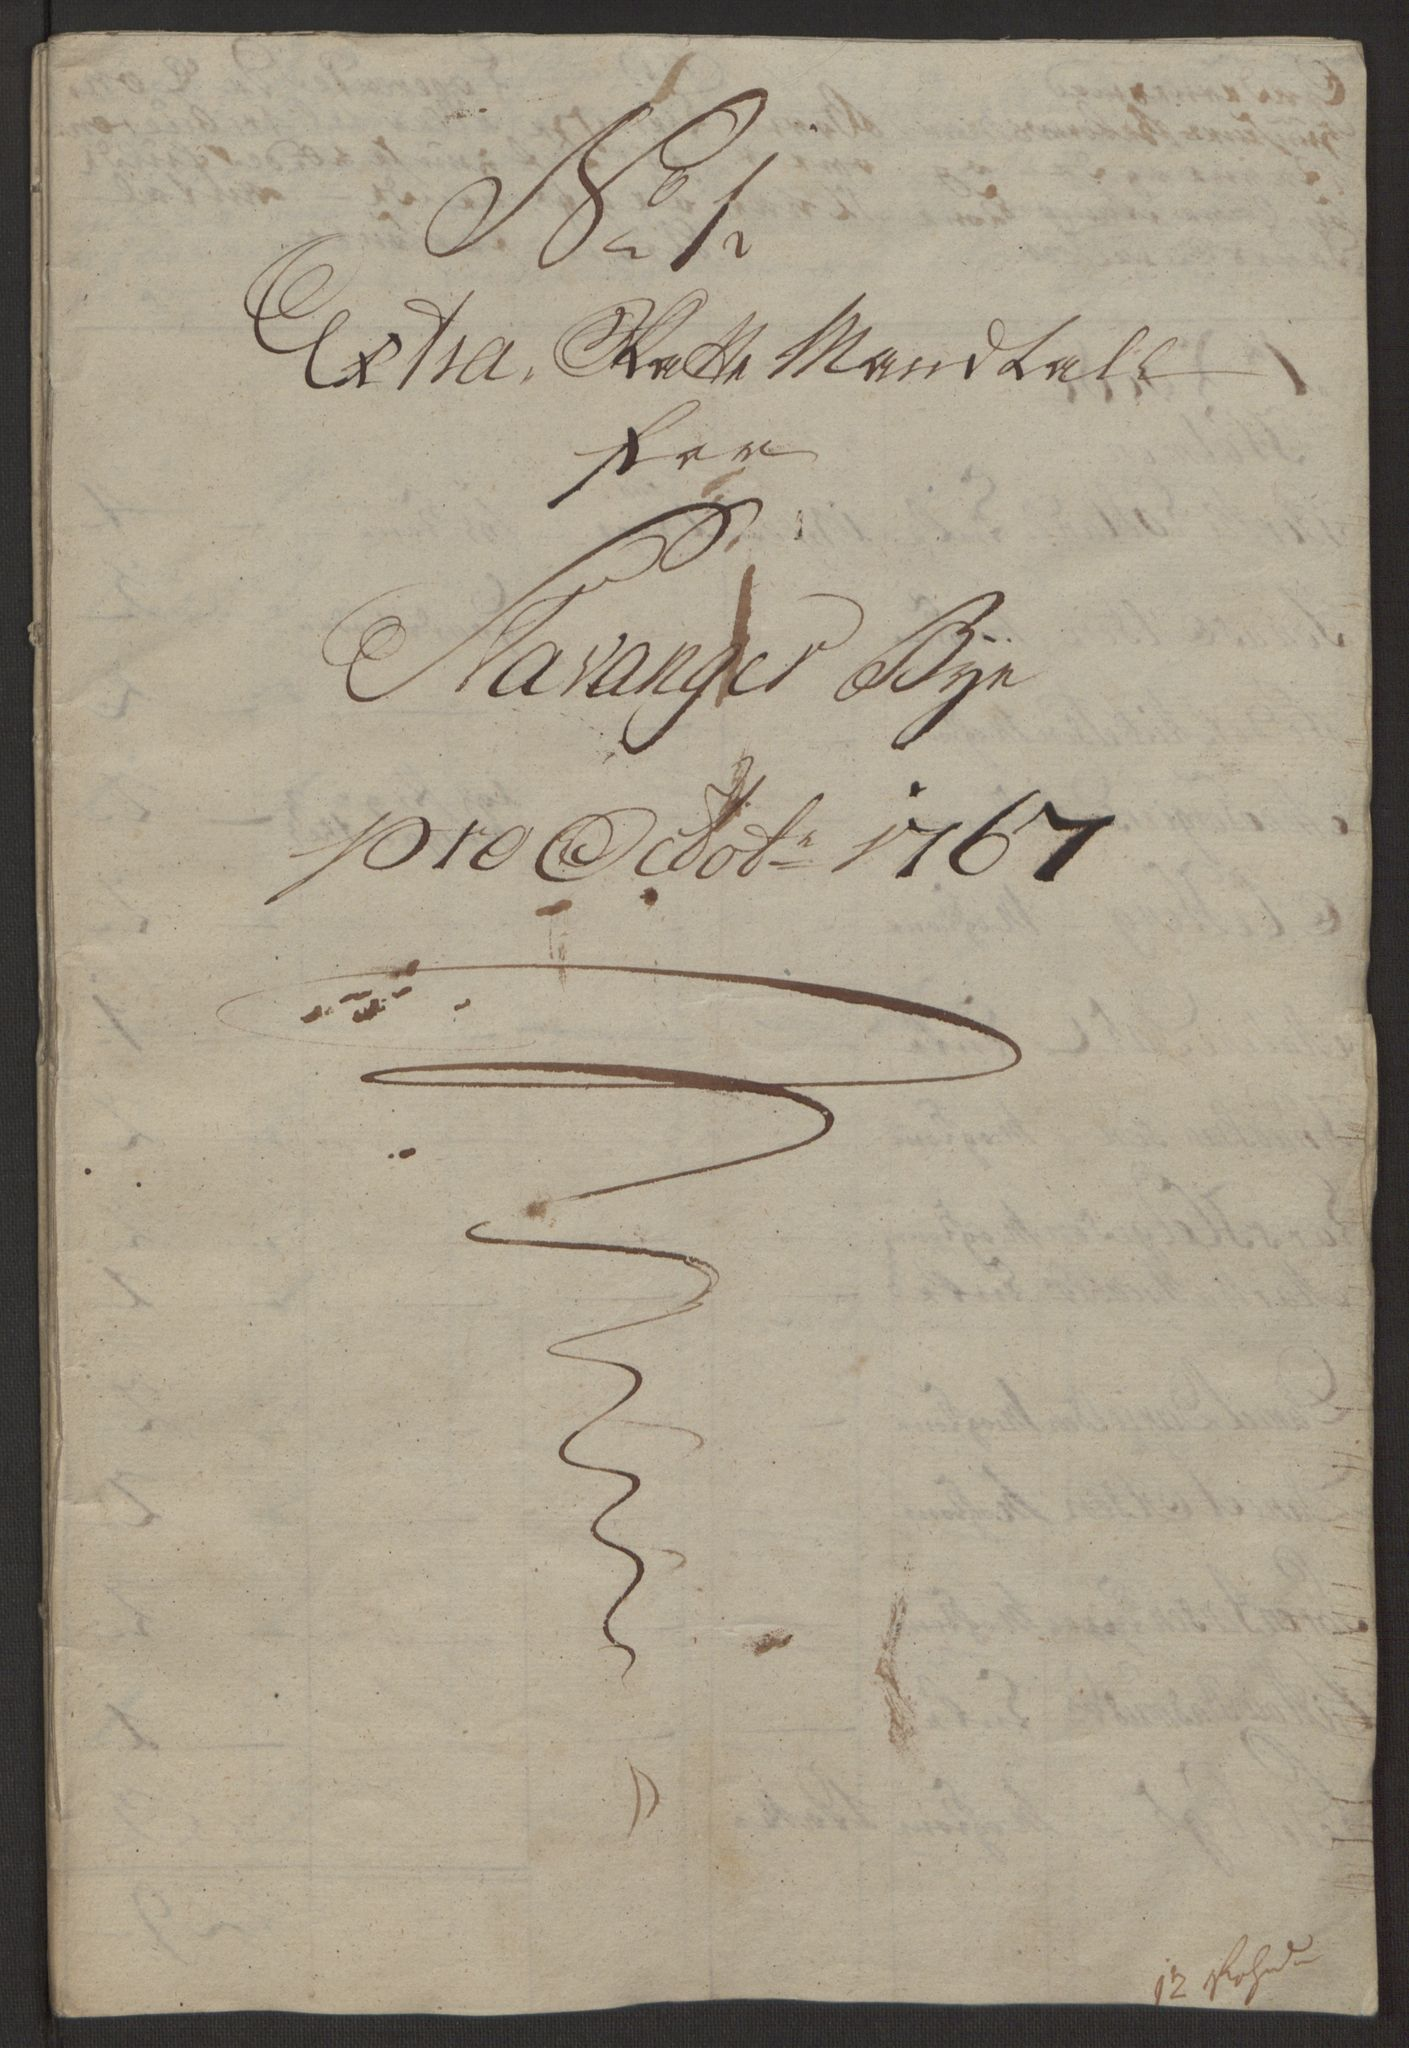 RA, Rentekammeret inntil 1814, Reviderte regnskaper, Byregnskaper, R/Ro/L0305: [O6] Kontribusjonsregnskap, 1762-1768, s. 346